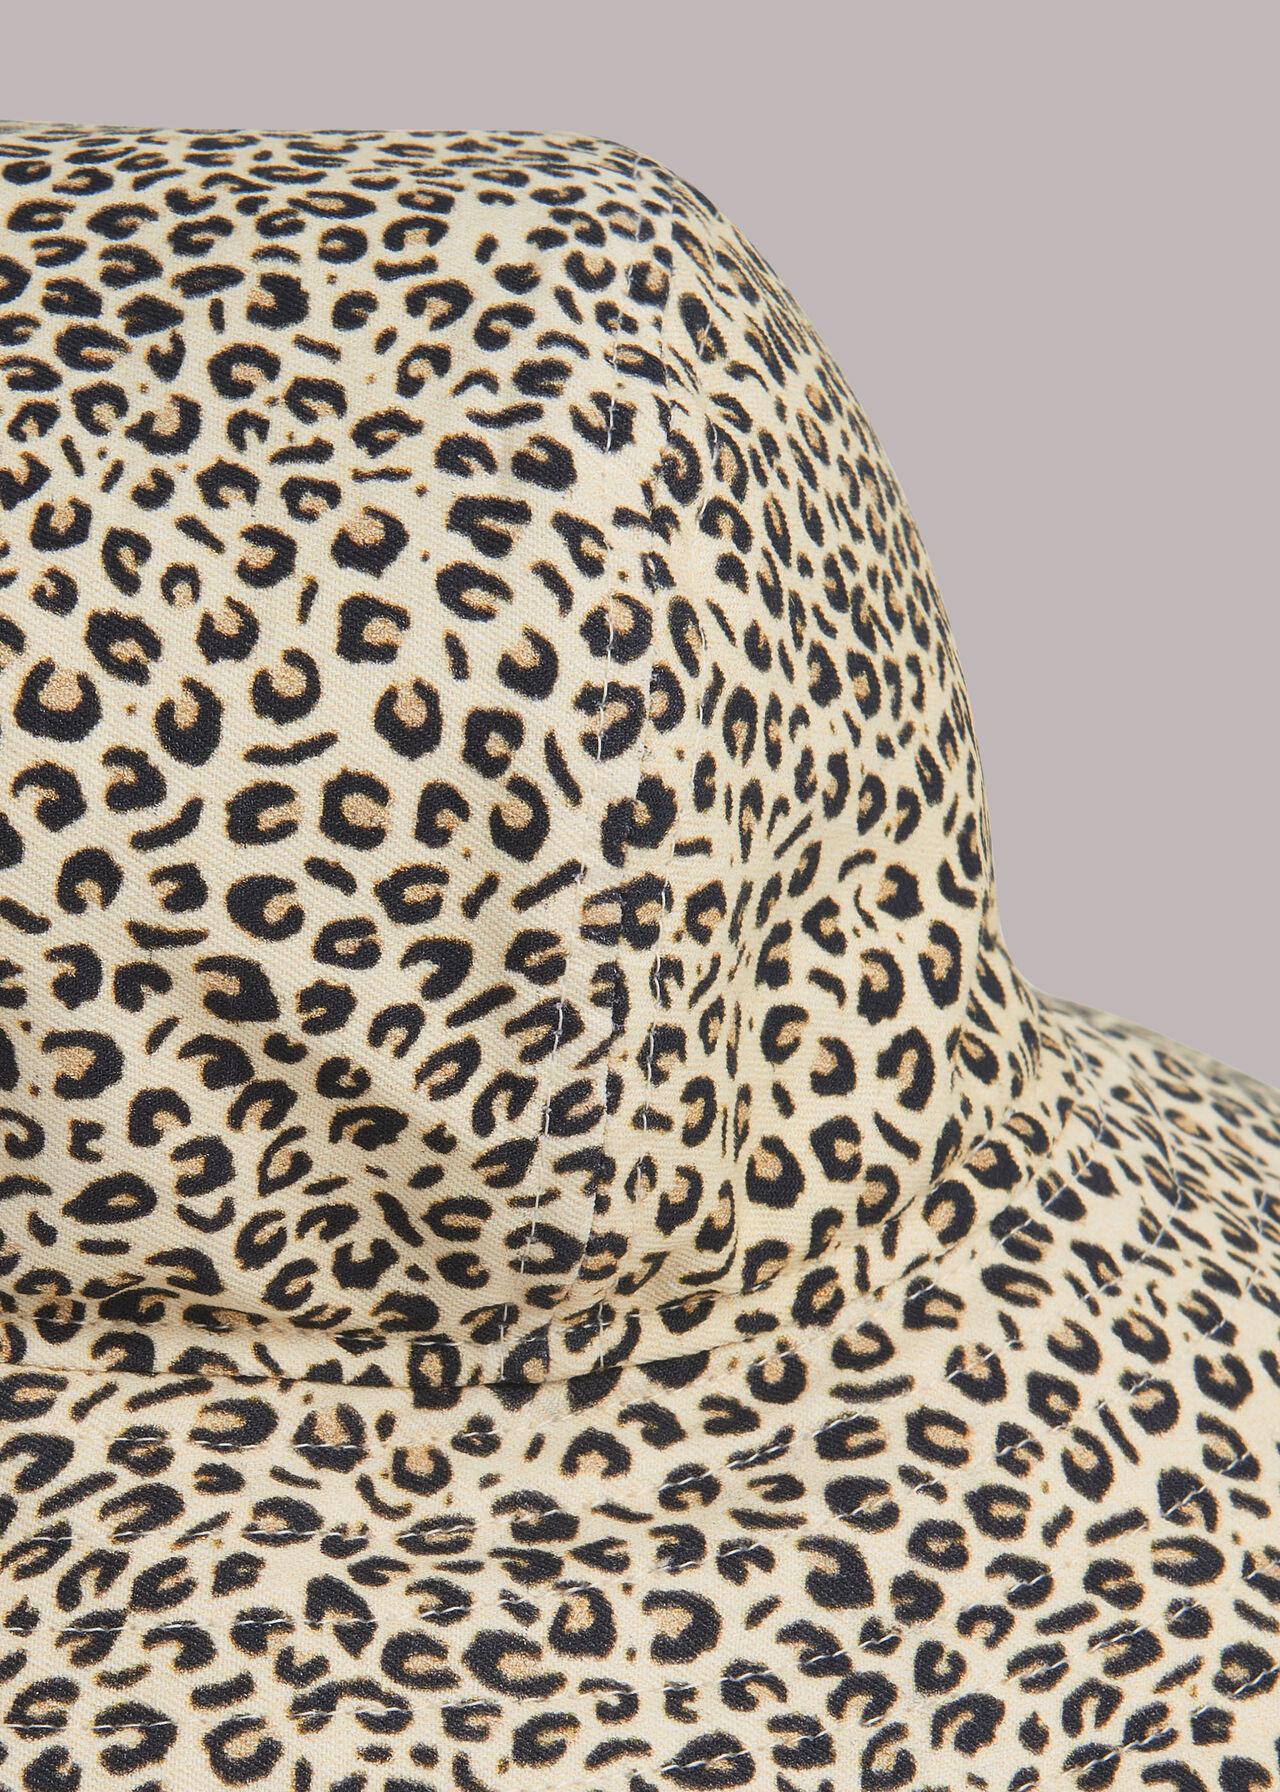 Mini Leopard Print Bucket Hat